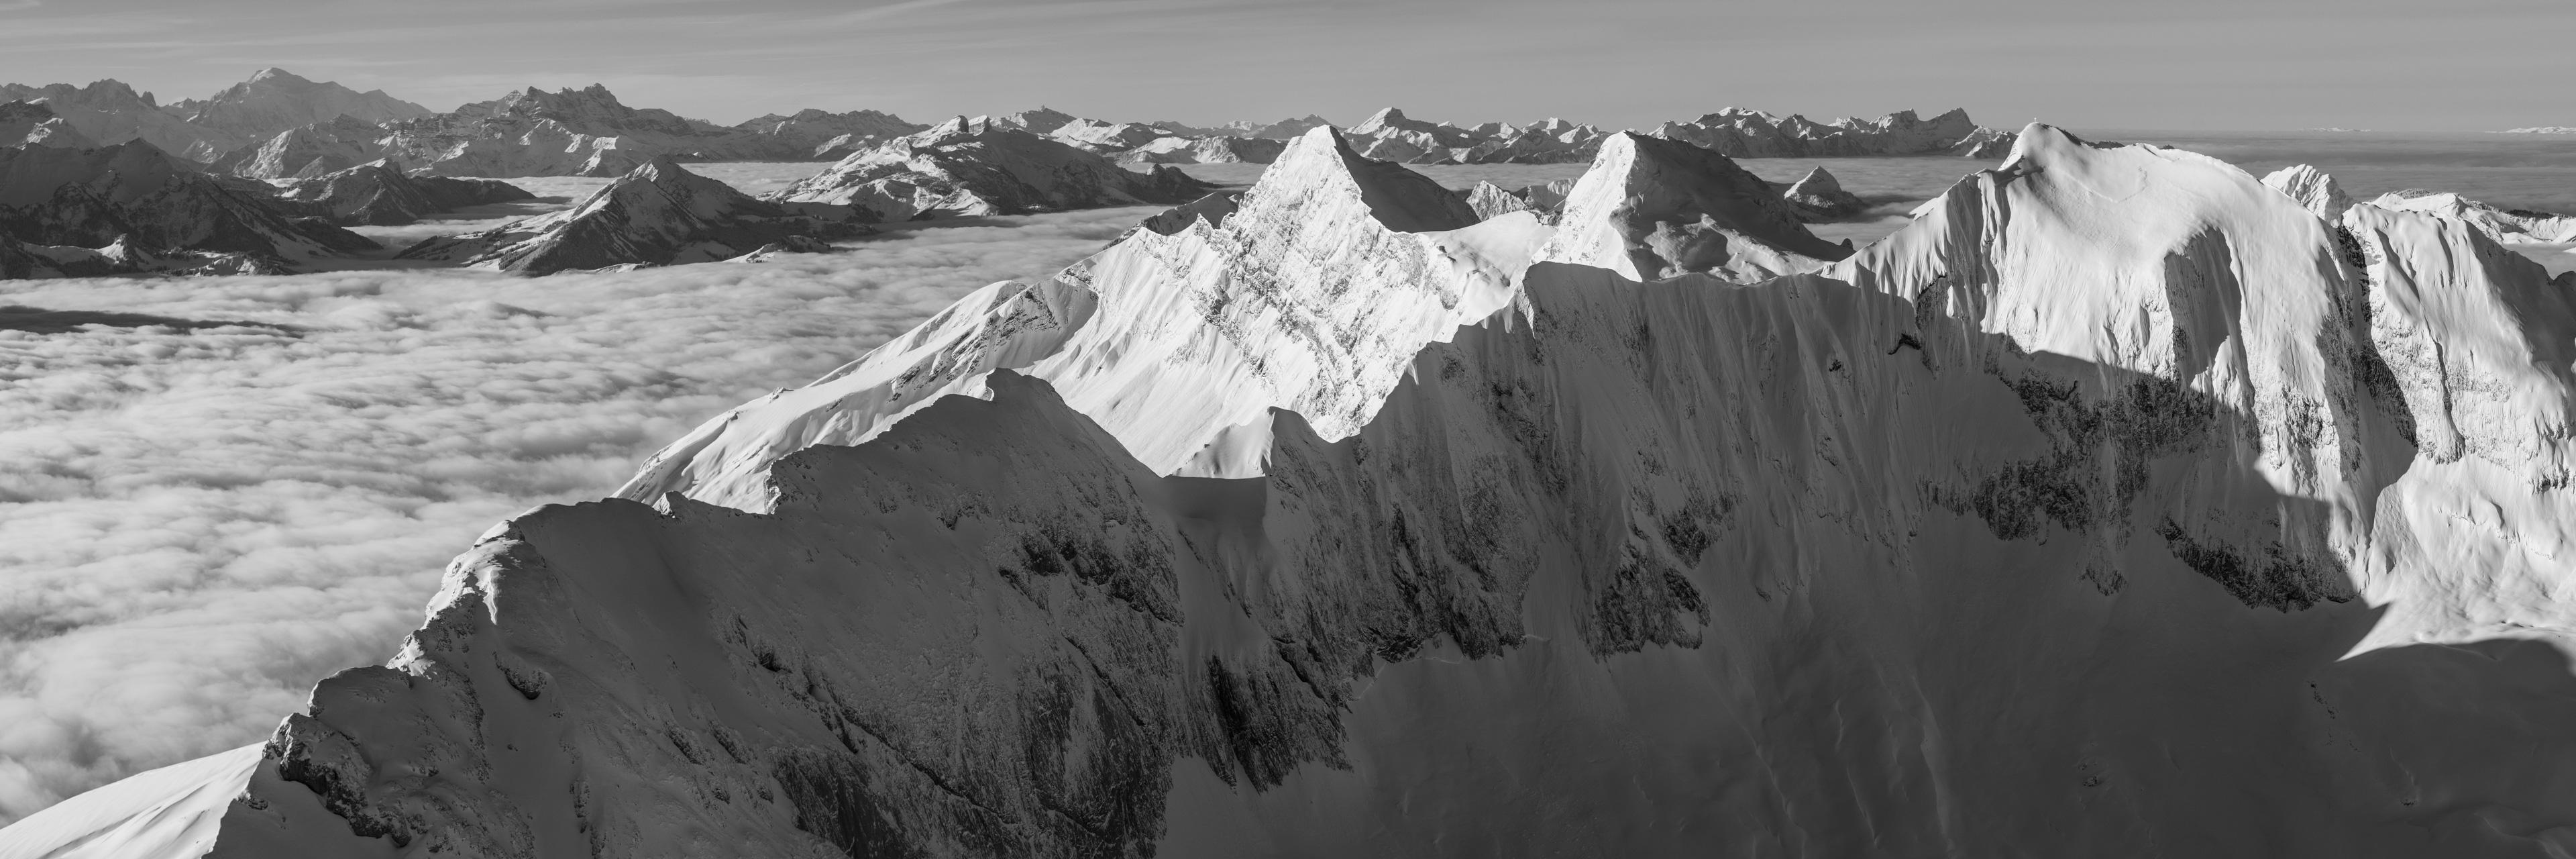 Pananorama du Vanil Noir- photo panoramique du Vanil Noir, des Dents du Midi et du Mont Blanc